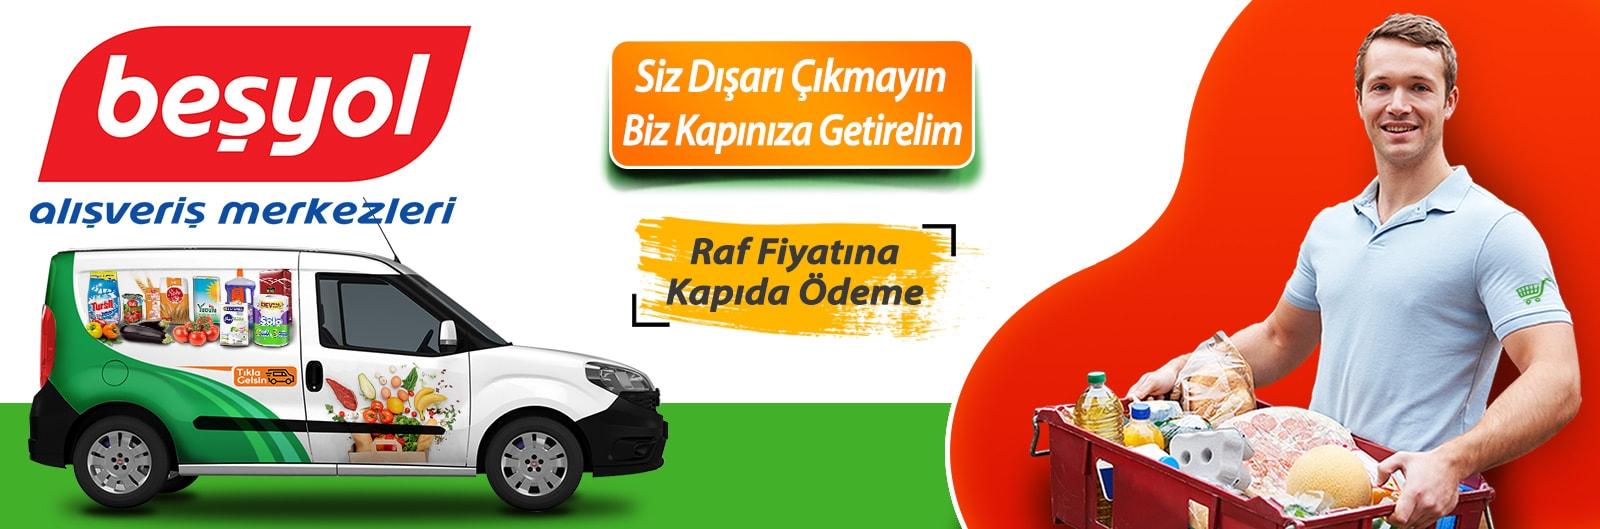 Konya Beşyol Avm online sipariş